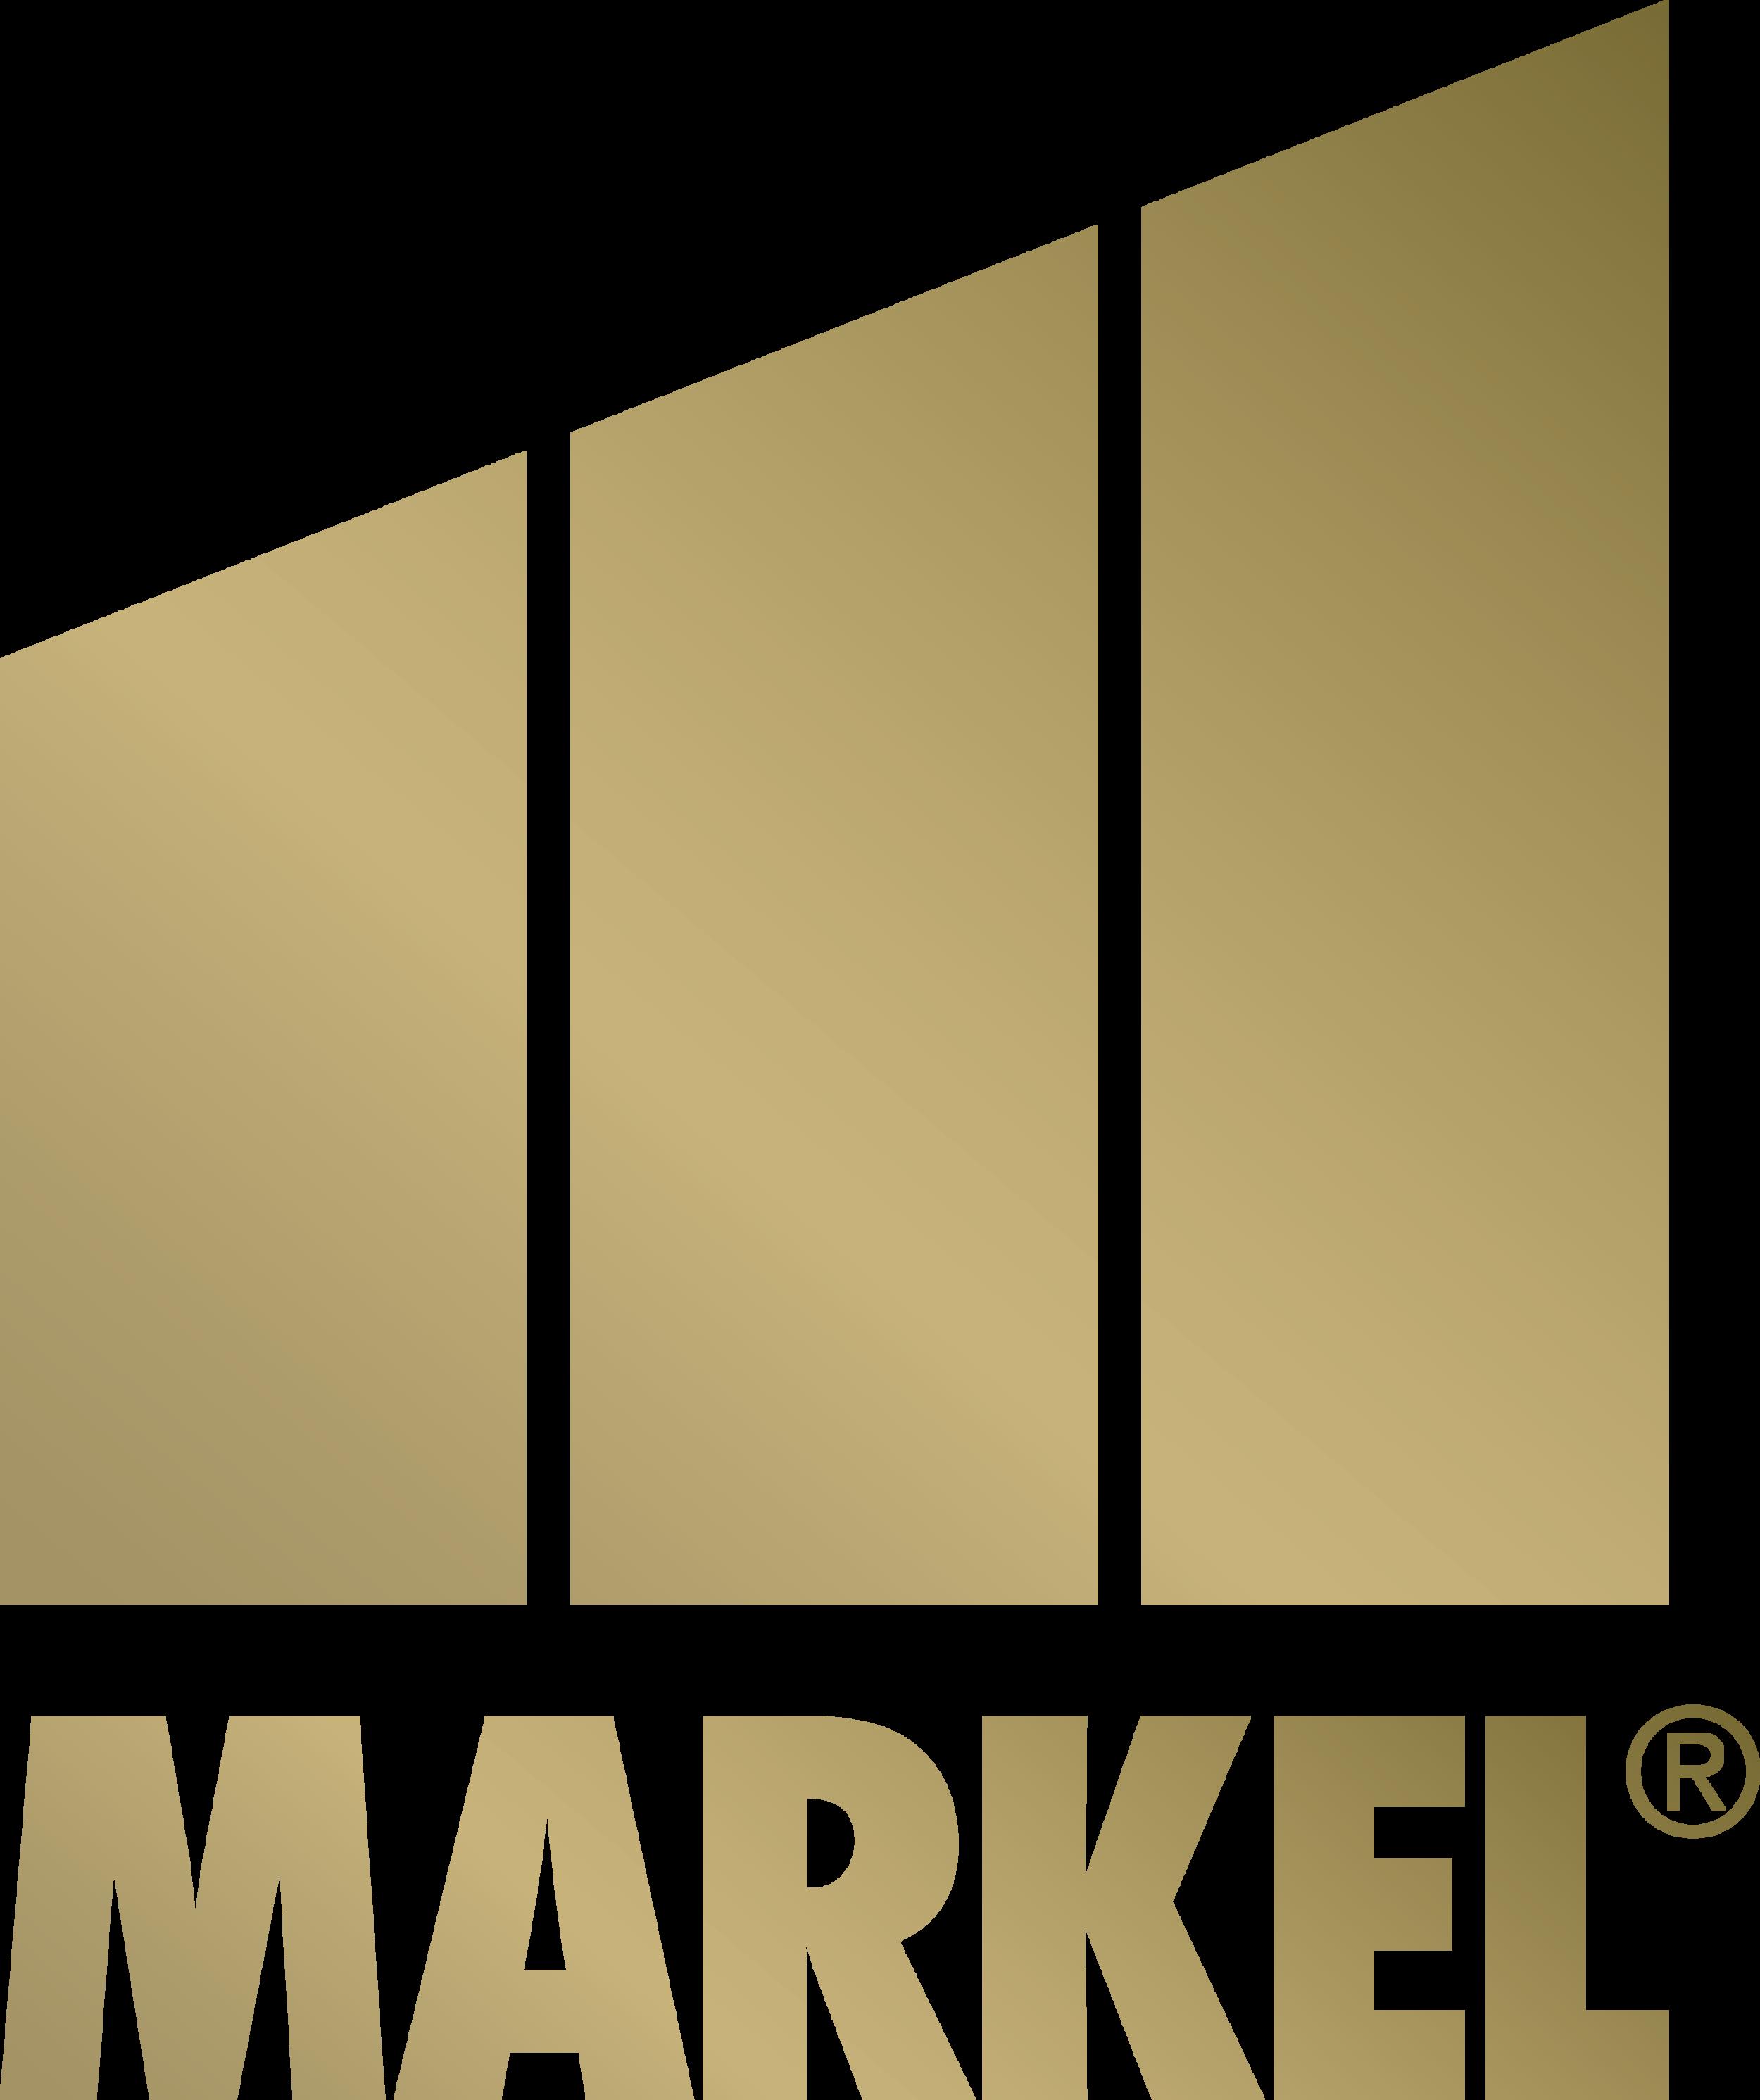 markel_logo1.png